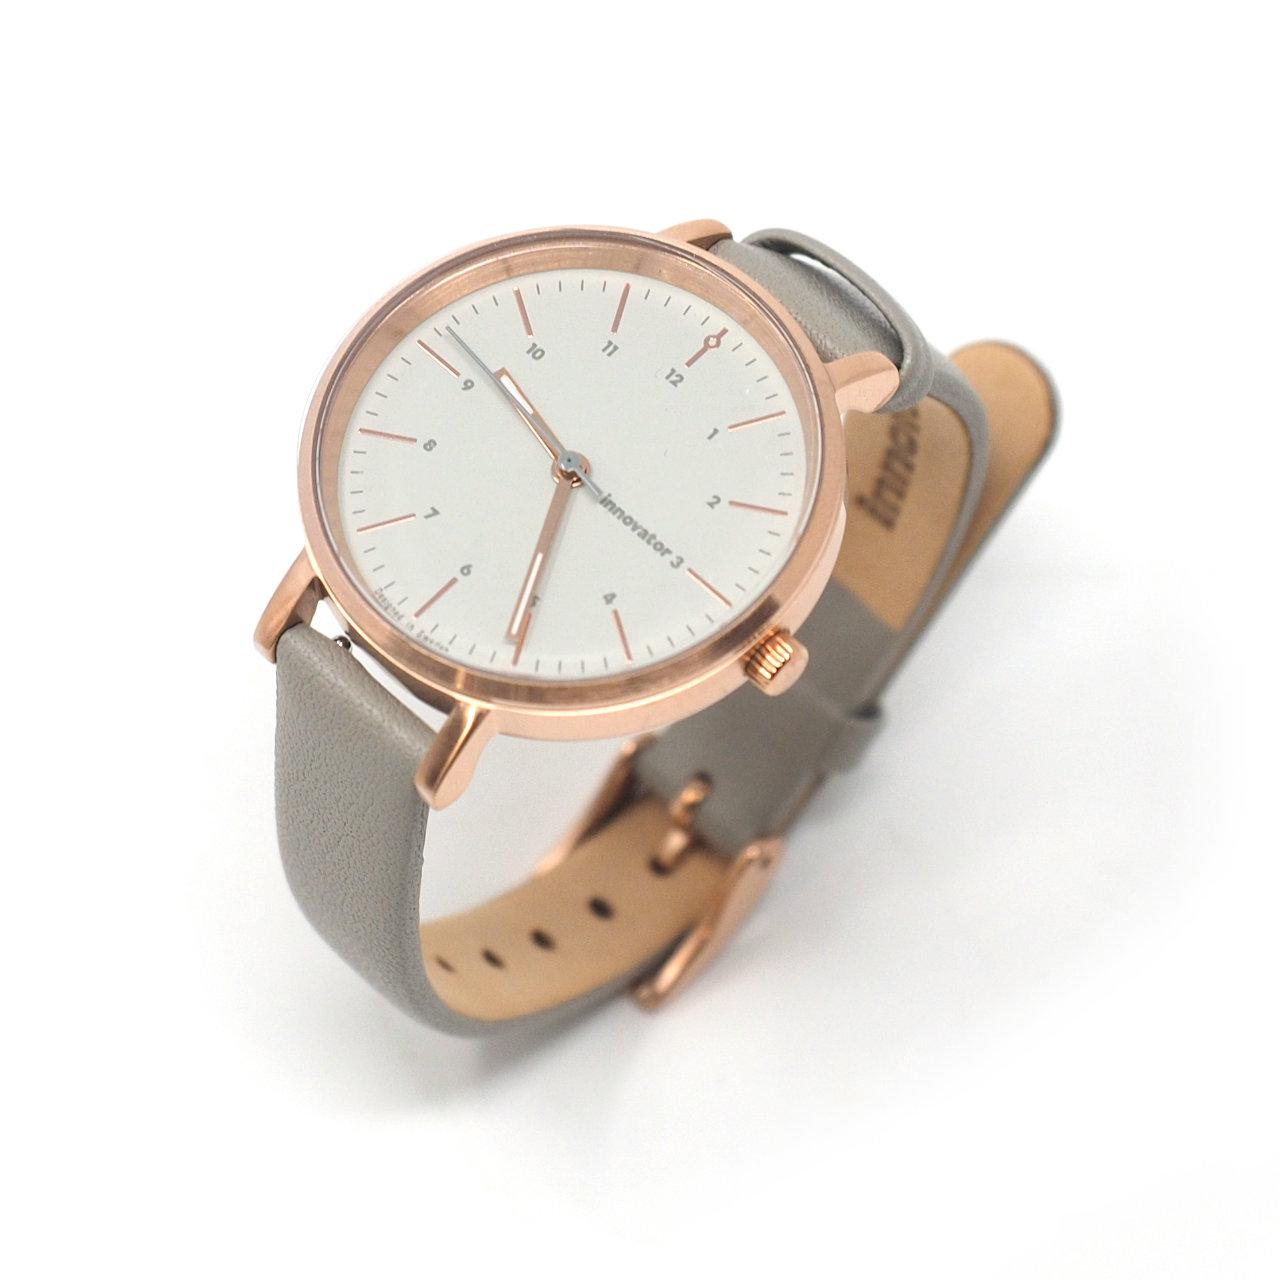 サムネイル:腕時計 エンケルレザー 32mm(innovator / イノベーター)